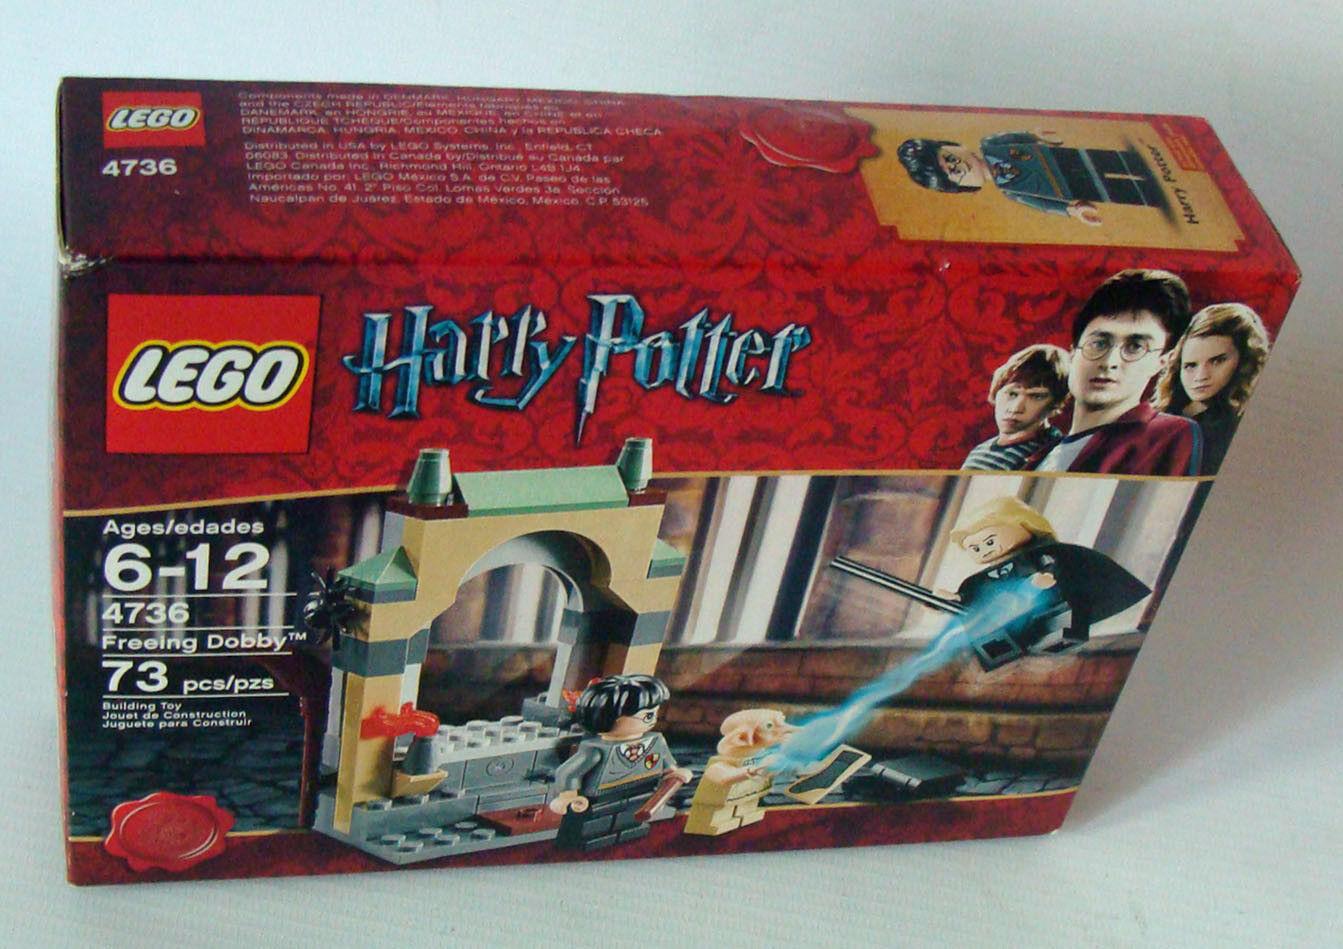 Lego ® Harry  Potter 4736-dobbys libération 73 pièces 6-12 ans NEUF nouveau  boutique en ligne